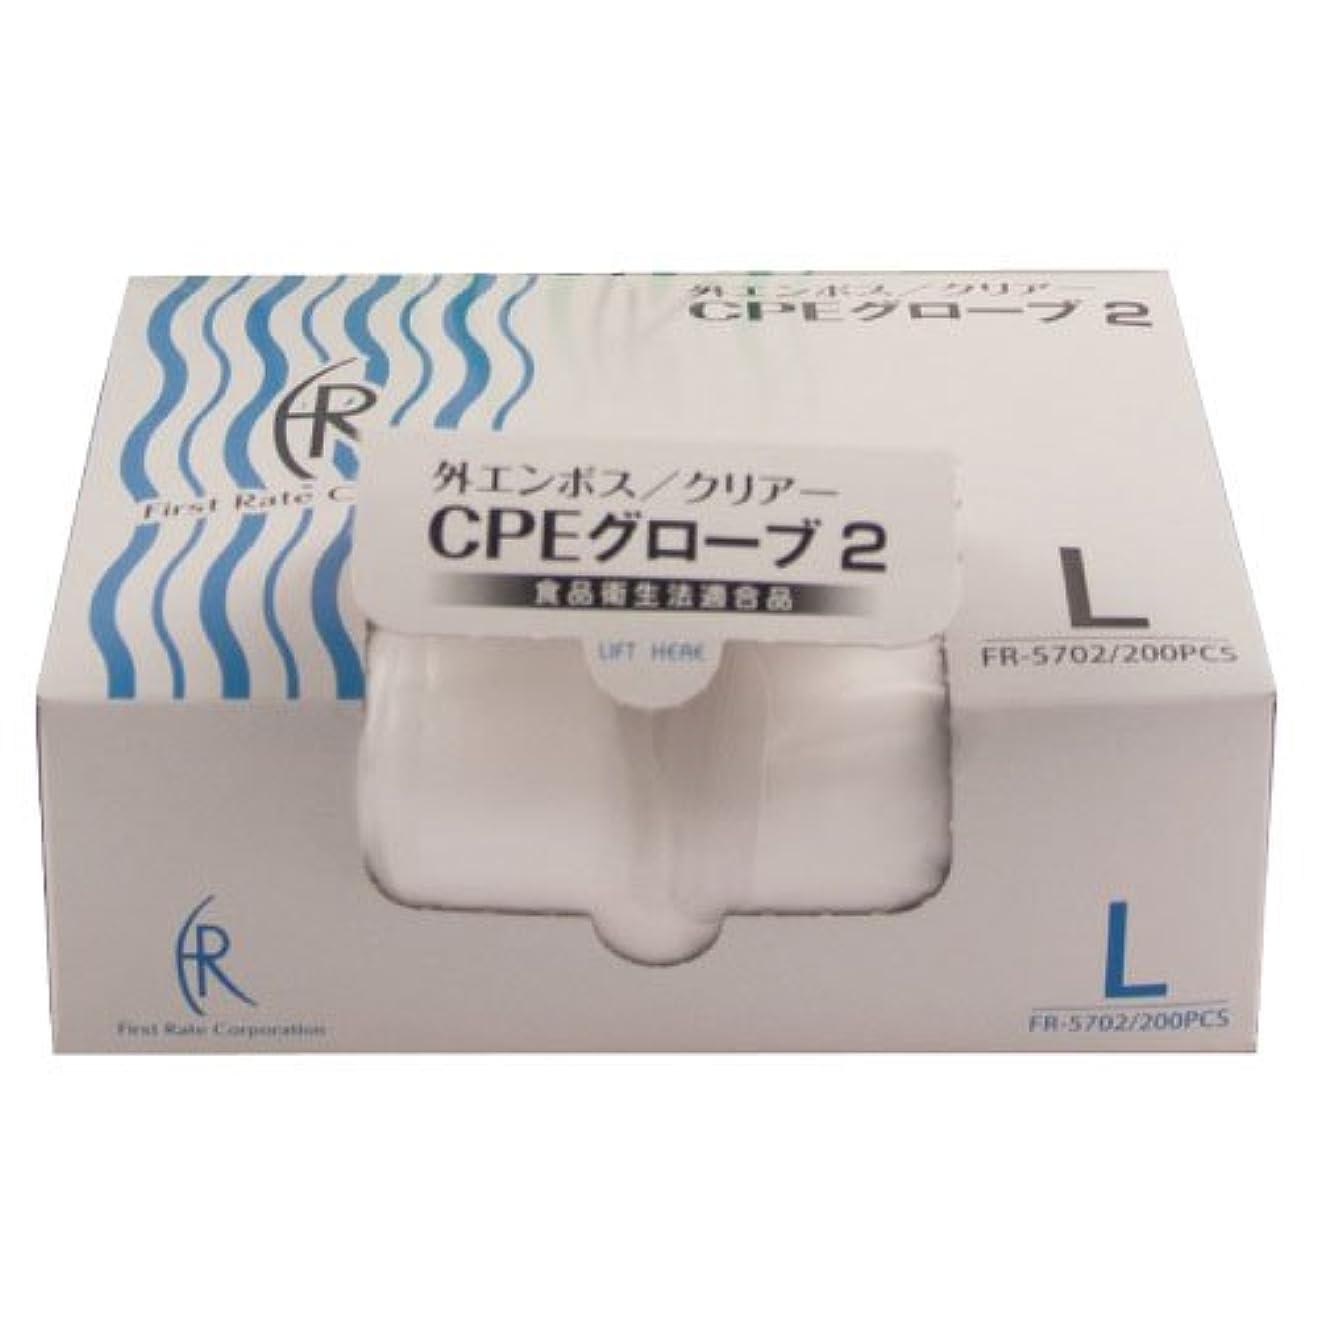 バッテリードレイン会計ファーストレイト CPEグローブ2(透明) FR-5702(L)200マイイリ